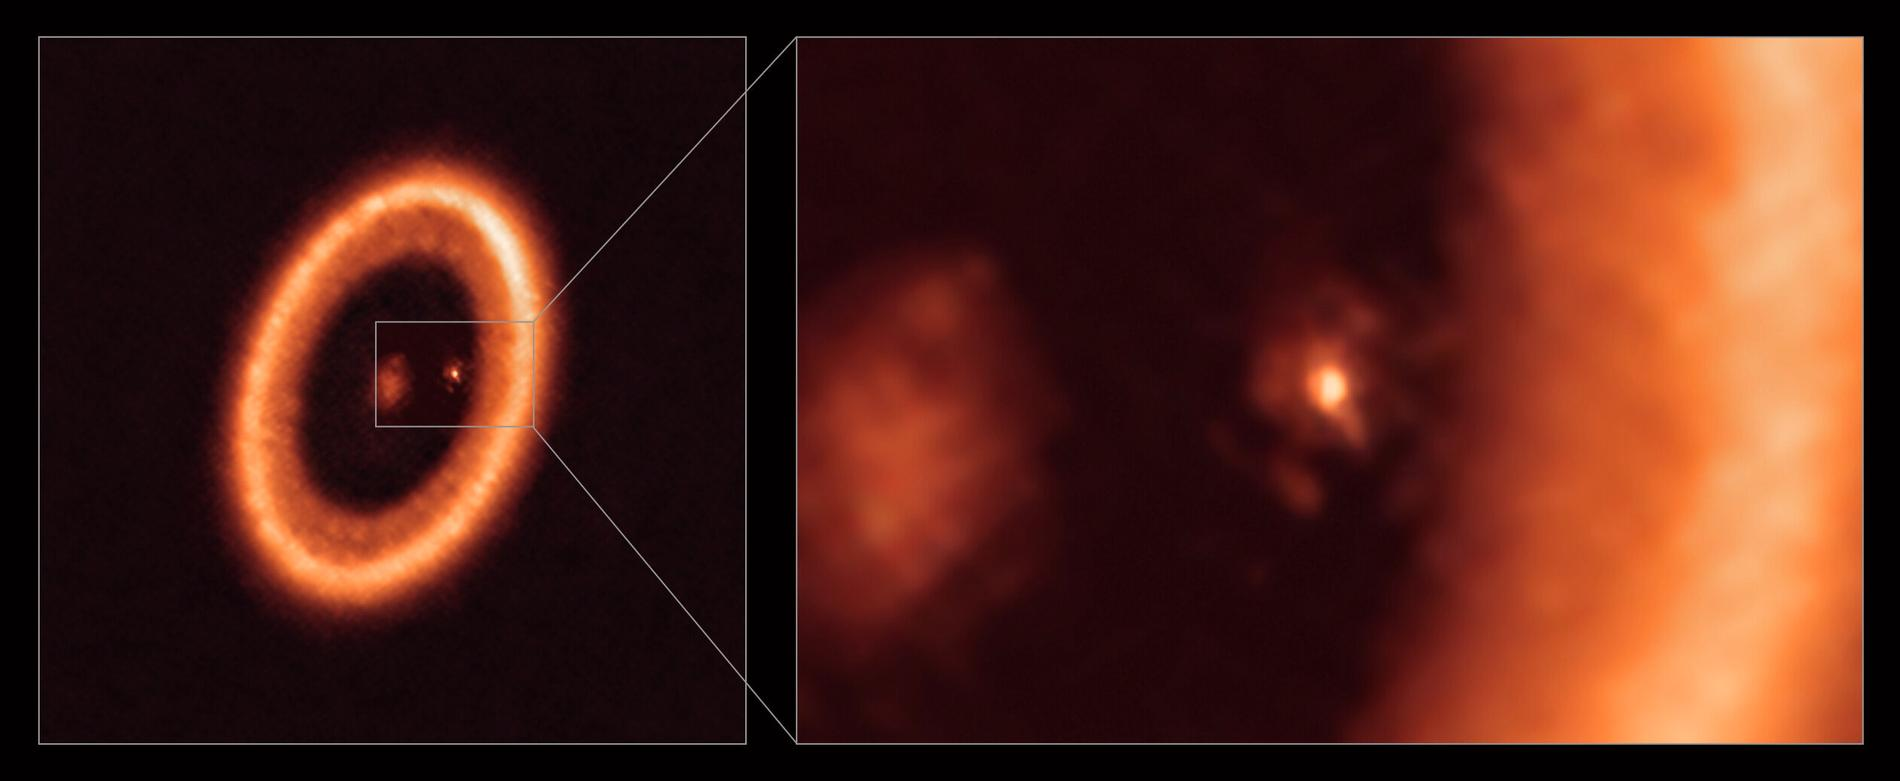 Den inzoomade bilden till höger, tagen med Alma, visar planeten PDS 70C i mitten, med en disk av dam och stoft runtom, som tros komma att bilda månar. I den vänstra bilden ses solsystemets stjärna i mitten, med en betydligt större cirkelformad disk som snurrar runt himlakroppen.